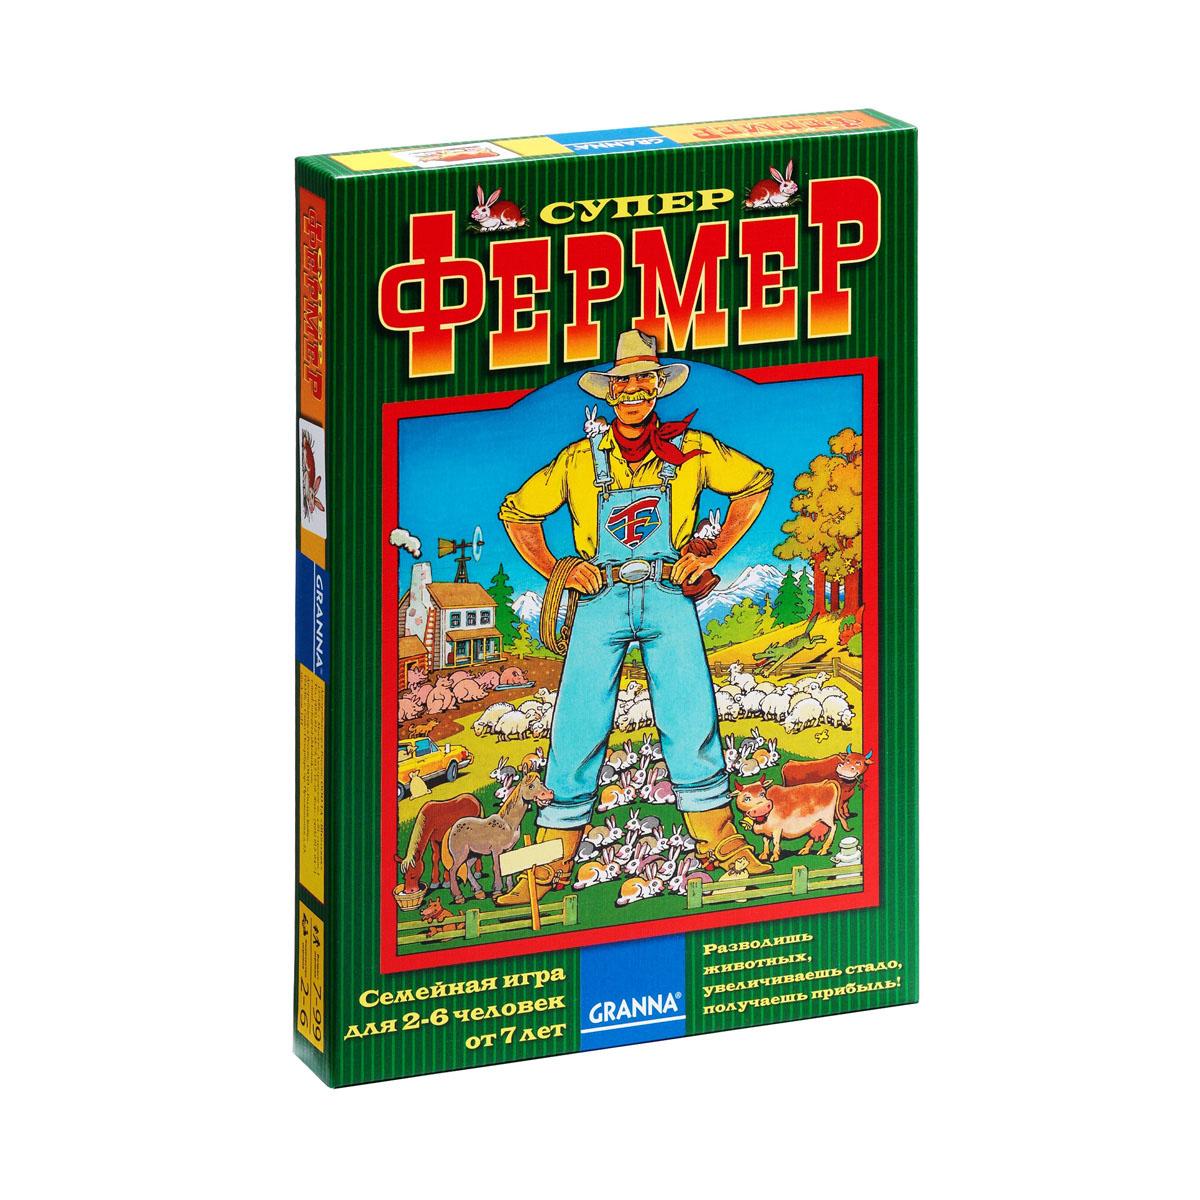 Настольная игра Bondibon Супер ФермерВВ1009Настольная игра Bondibon Супер Фермер с элементами пошаговой стратегии понравится и ребенку, и взрослому и позволит весело провести время в компании друзей. Каждый игрок становится расчетливым фермером, цель которого - собрать стадо из кролика, овцы, свиньи, коровы и коня. Но, как и в реальном фермерстве, где-то неподалеку вынюхивают свою добычу волк и лисица, которые очень хотят утащить кого-нибудь из стада. Для этой игры впервые был придуман кубик с 12 гранями, на которых обозначены типы ходов - это может быть как прирост стада за счет определенных животных, так и нападение хищников. Твоя прибыль растет за счет увеличения поголовья в стаде, а также за счет обмена с противниками разными животными. Победителем, или Супер Фермером станет тот, кто первым соберет полное стадо из всех видов животных. Настольная игра Bondibon Супер Фермер - замечательная экономическая стратегия, которая учит считать, намечать и планировать события в будущем, оценивать риск. Все эти навыки...